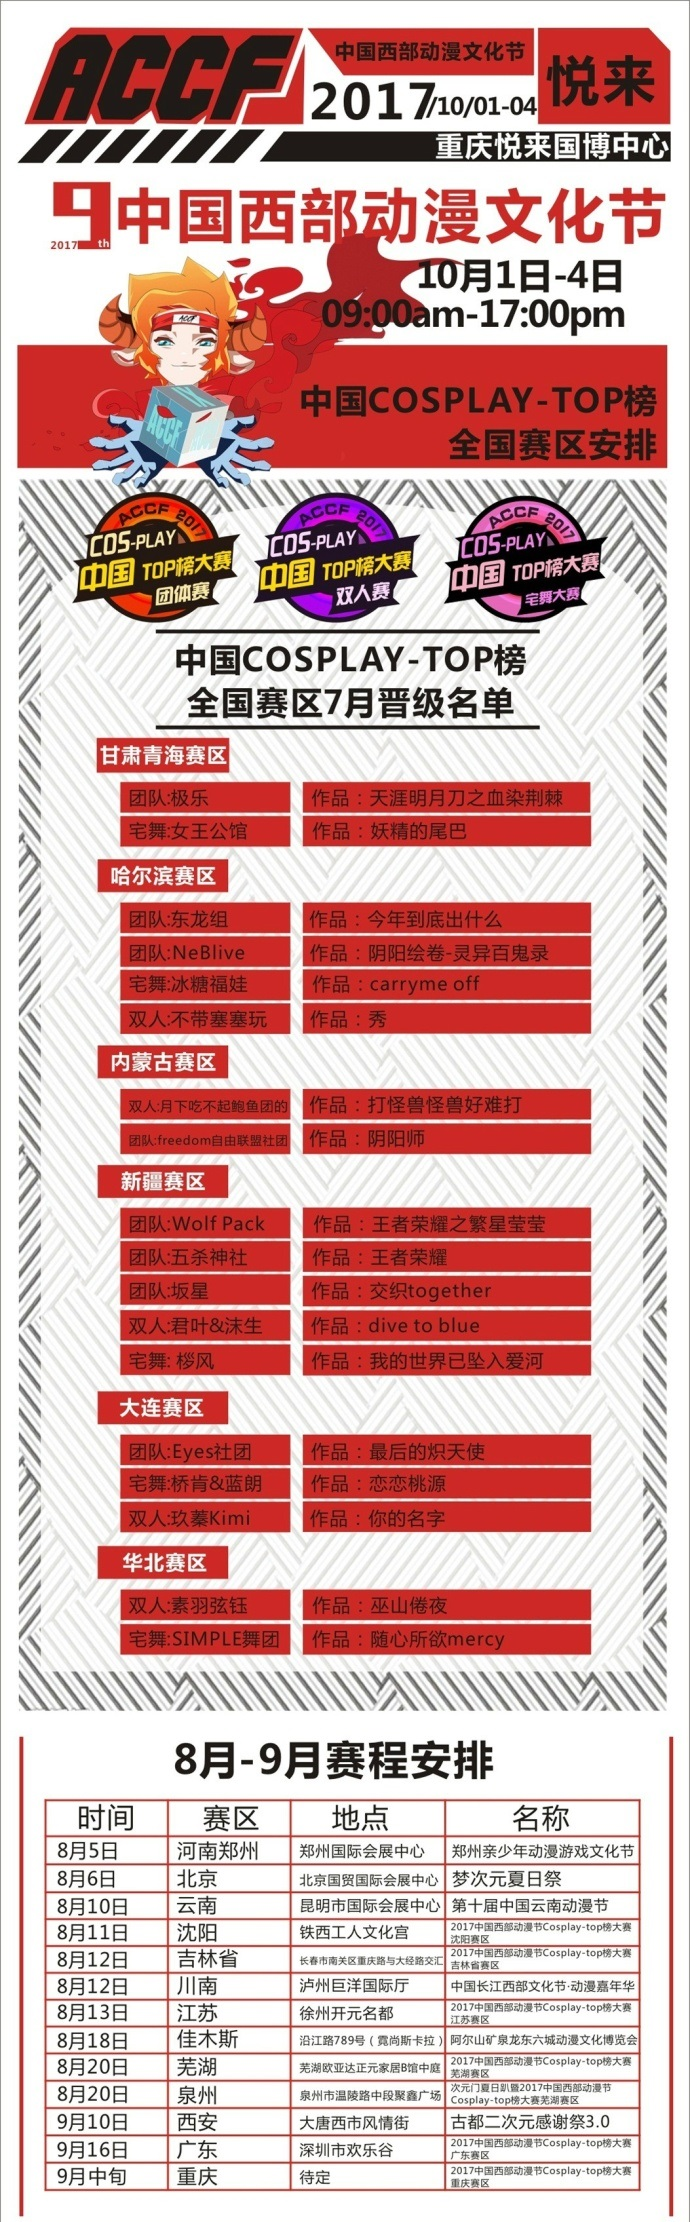 古都二次元感谢祭3.0暨2017西部动漫节陕西赛区预选赛 漫展 第3张